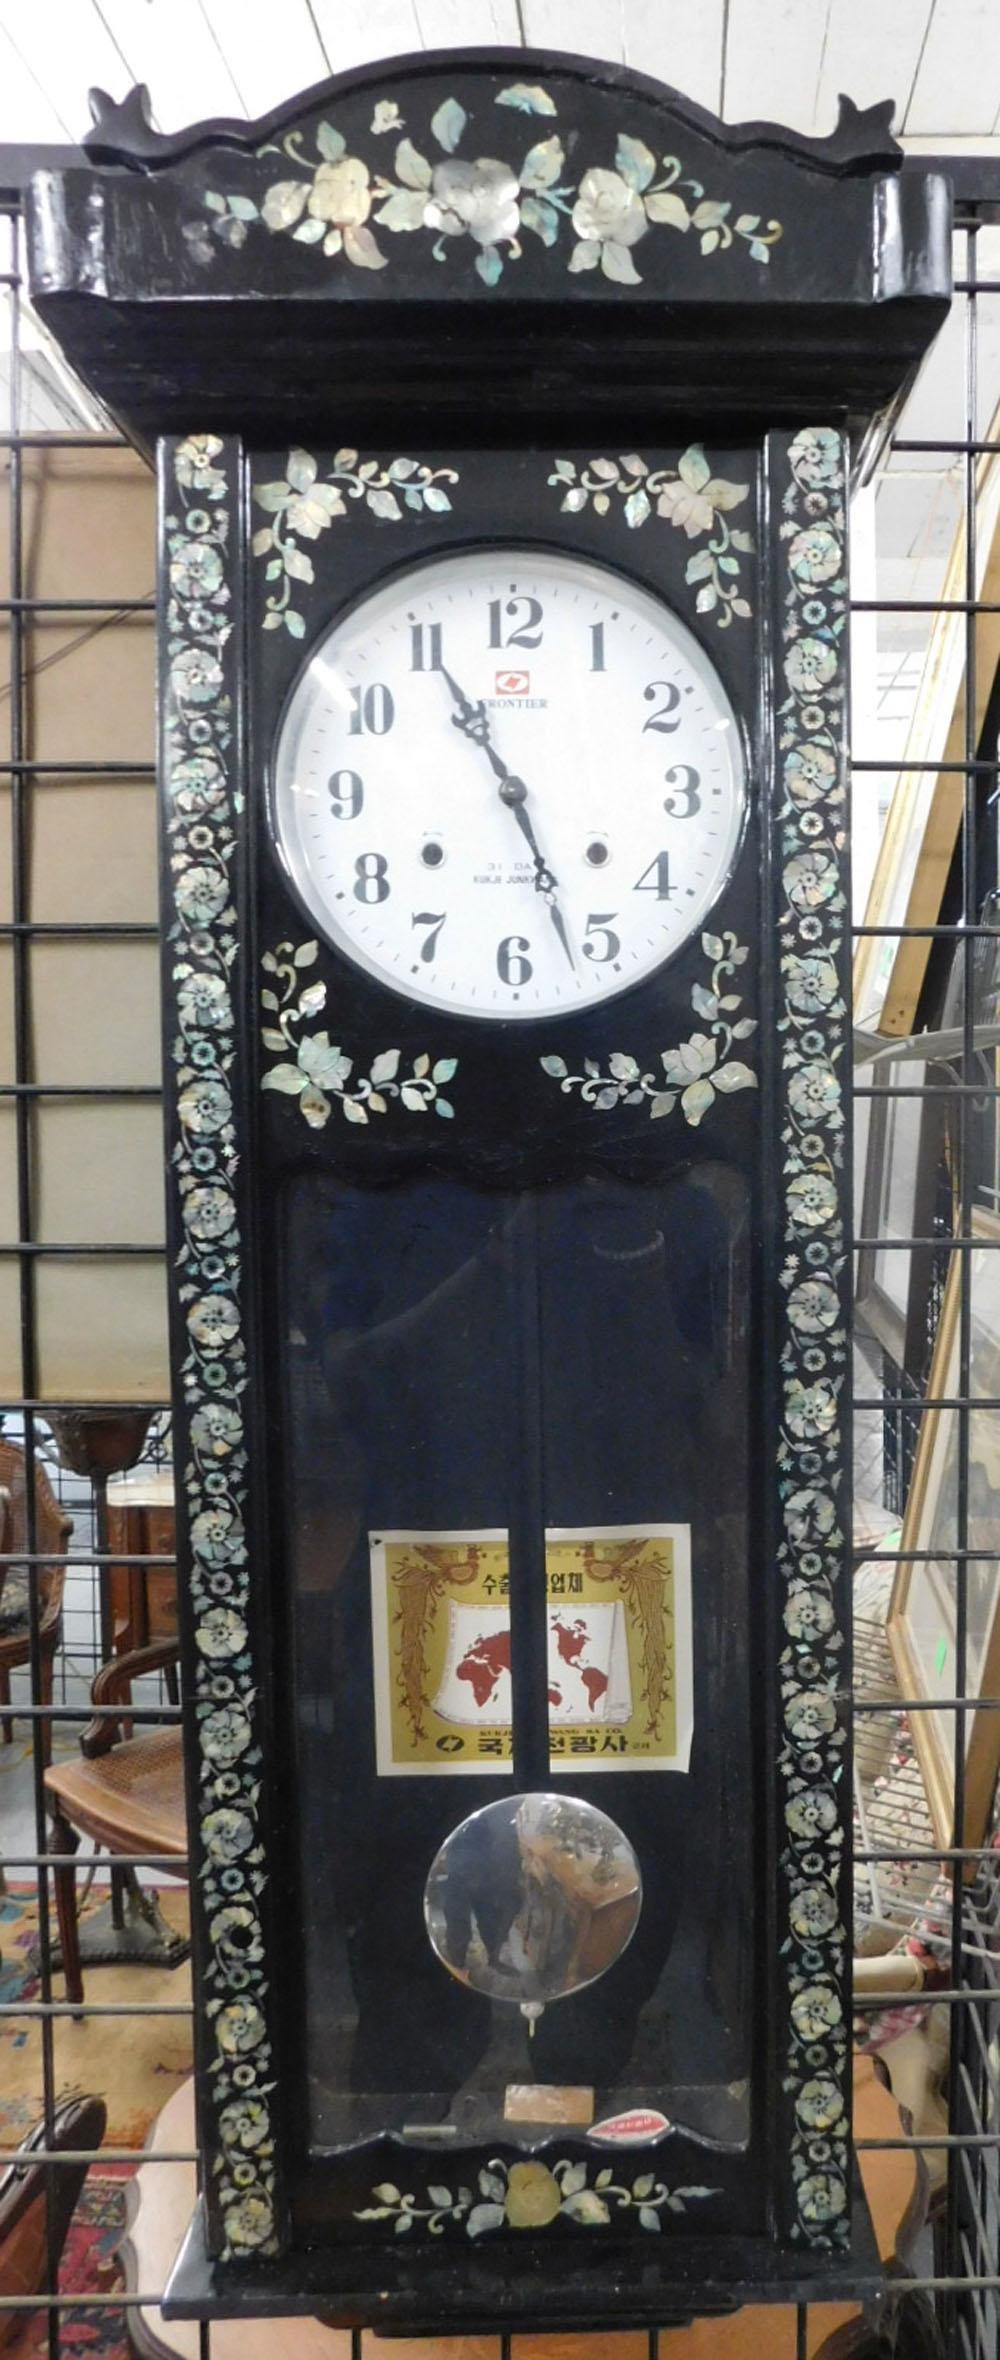 Frontier Kukje Junkwang Wall Clock